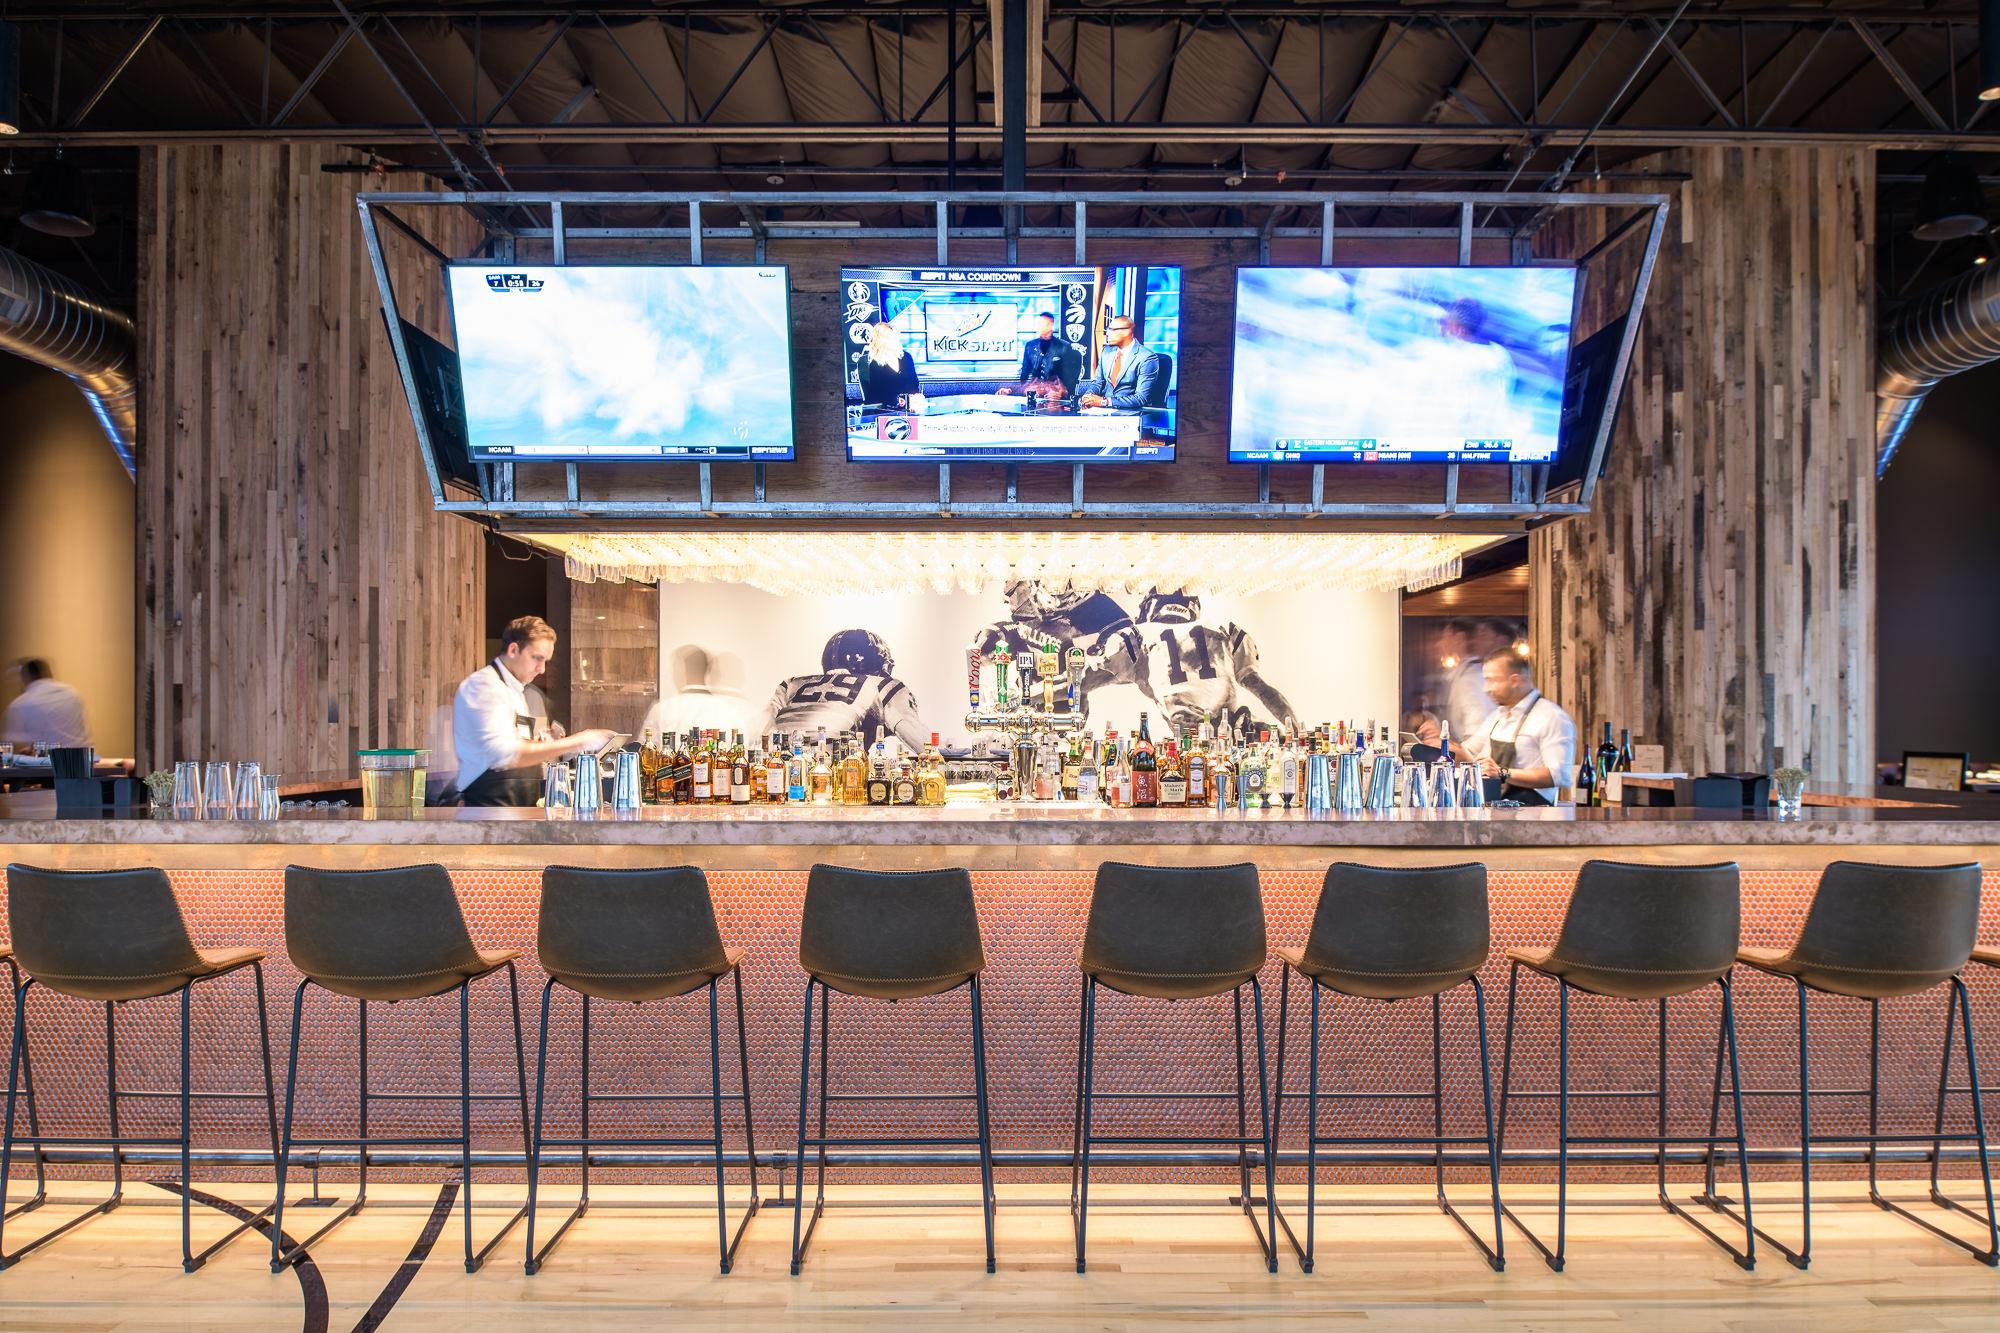 The bar at NapaSport